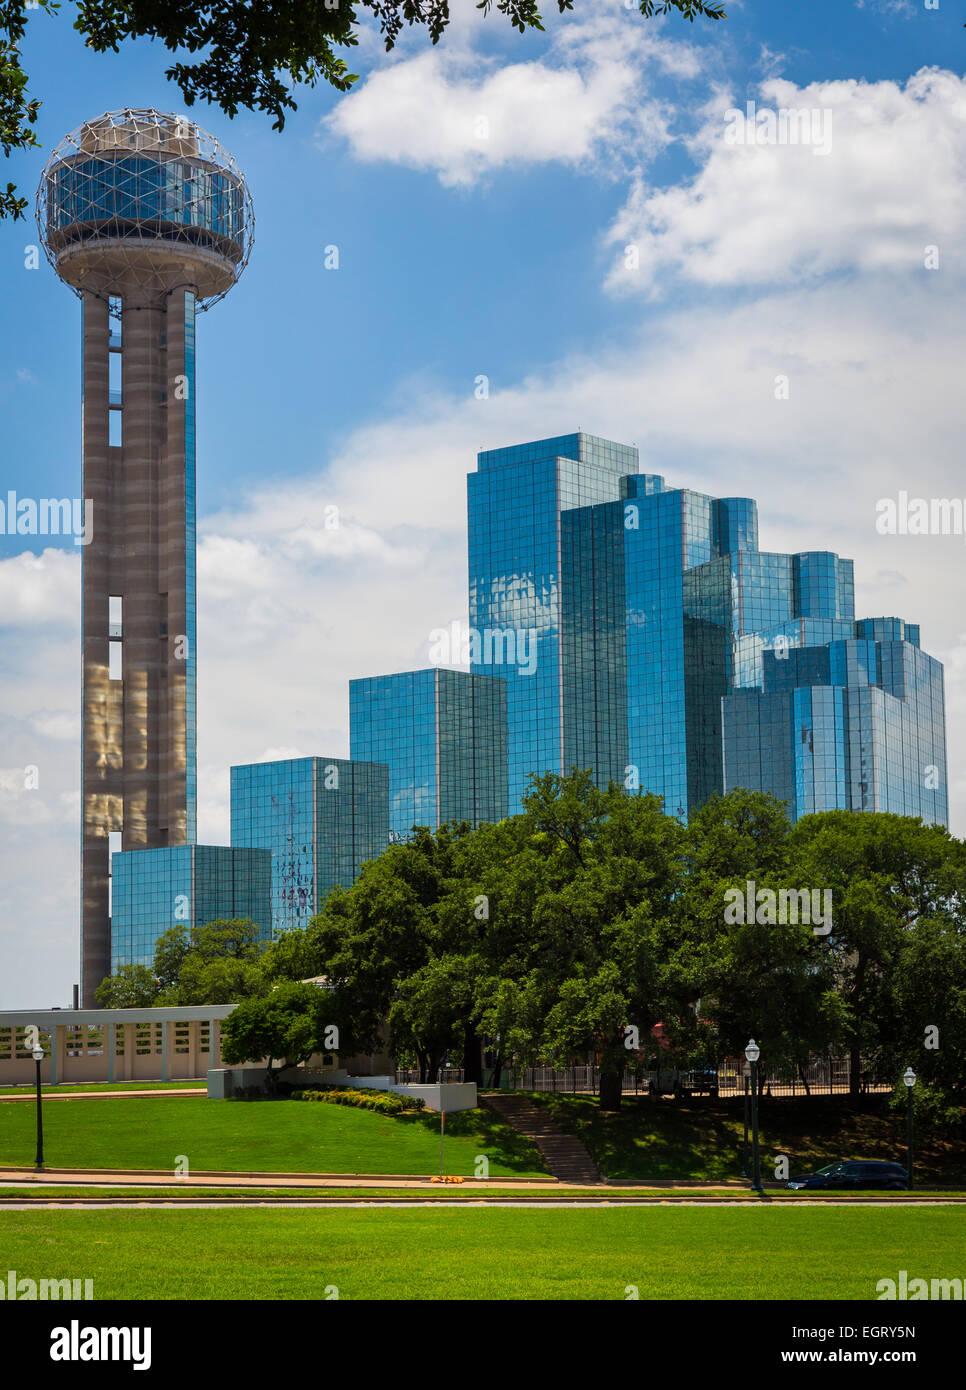 Dallas ist die neunte bevölkerungsreichste Stadt in den Vereinigten Staaten von Amerika und die drittgrößte Stadt Stockfoto